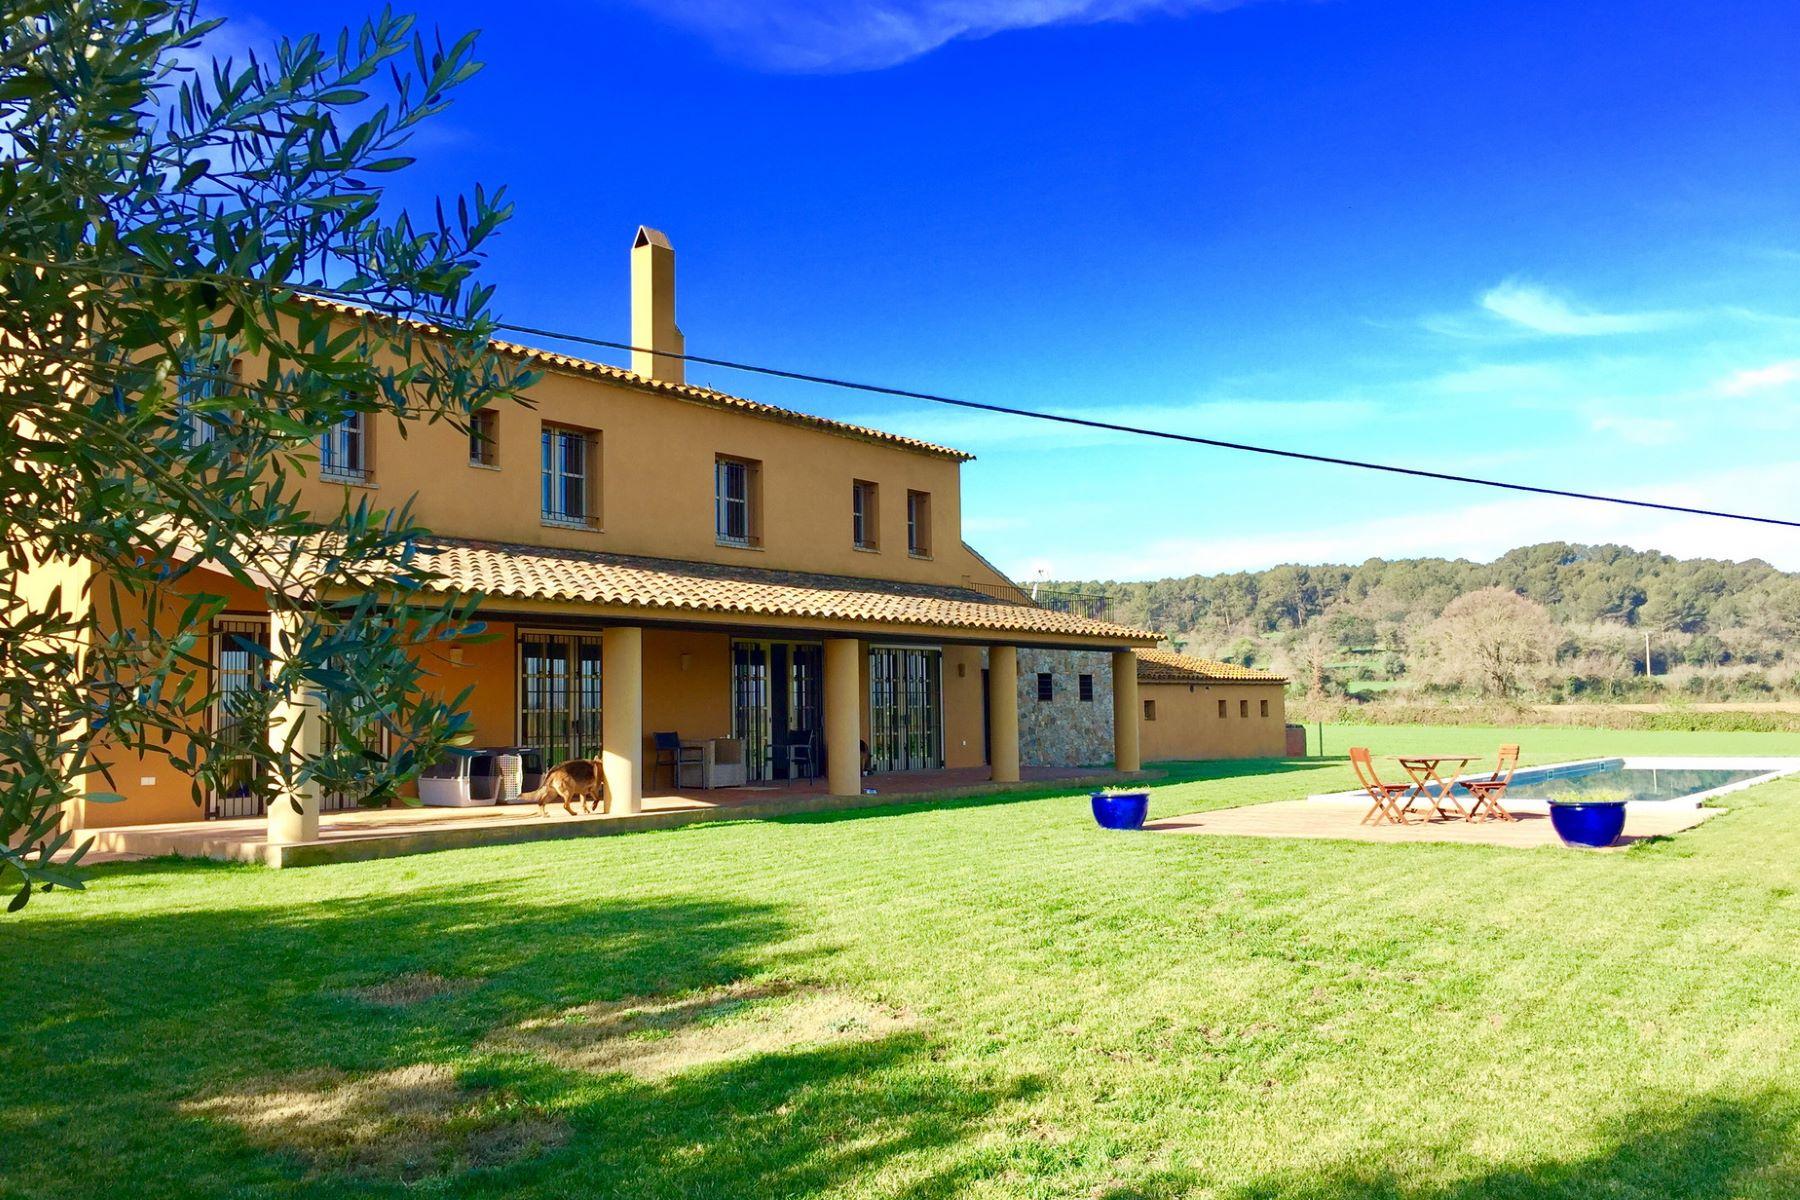 단독 가정 주택 용 매매 에 Country house with views near the Golf Other Spain, 스페인의 기타 지역, 17001 스페인